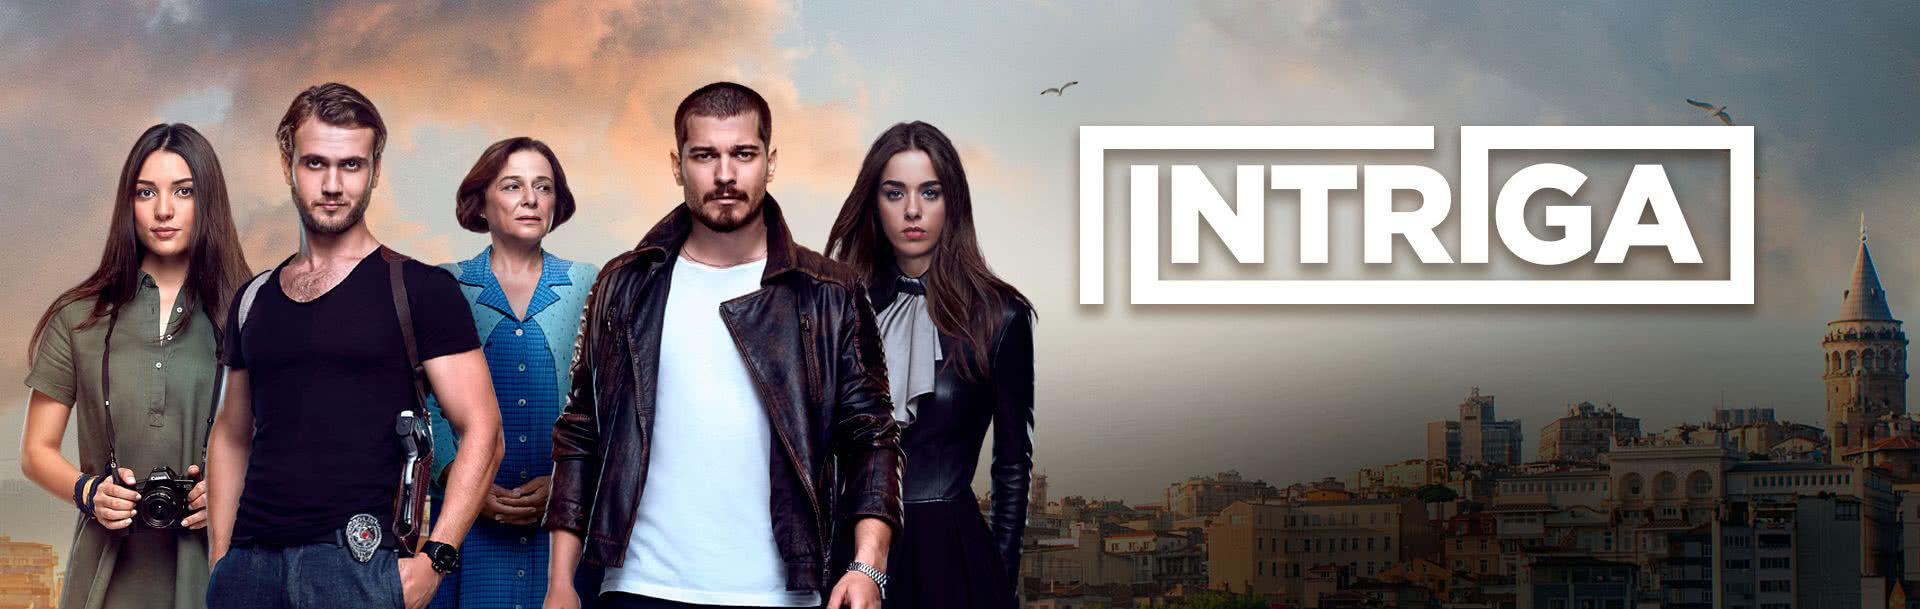 Intriga, telenovela turca por Canal RCN